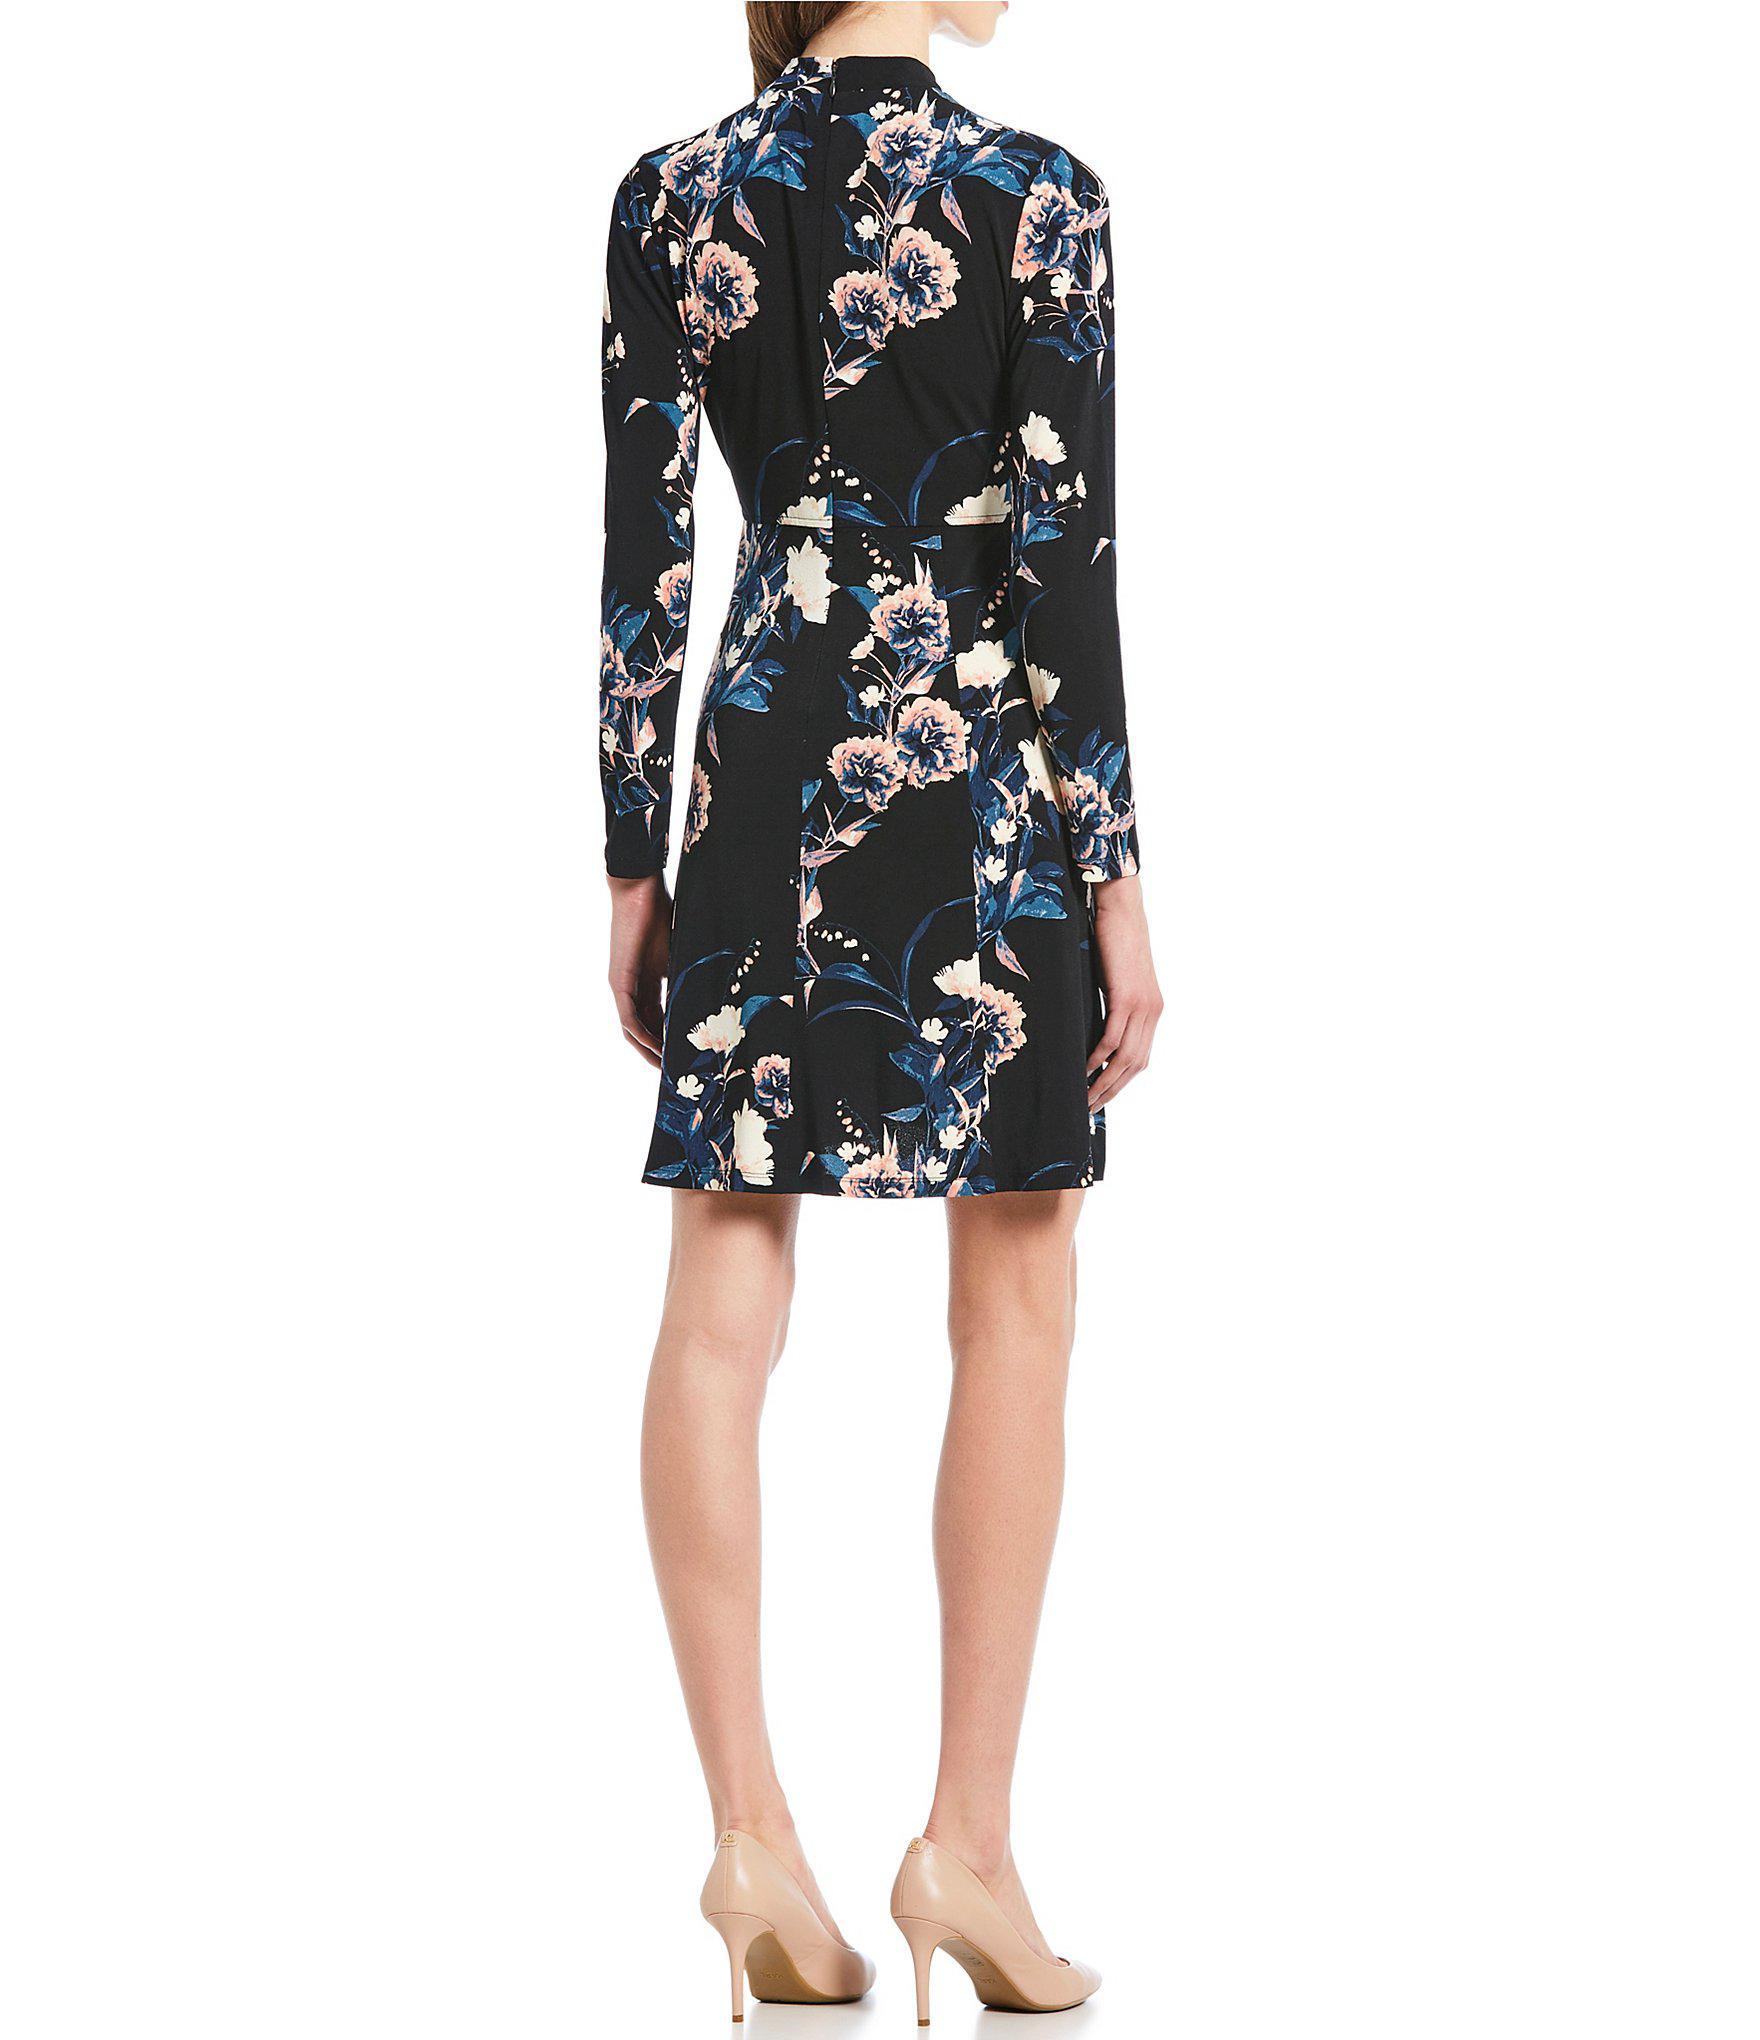 ba0f8dea0a Ivanka Trump - Black Floral Print Mock Neck A-line Dress - Lyst. View  fullscreen